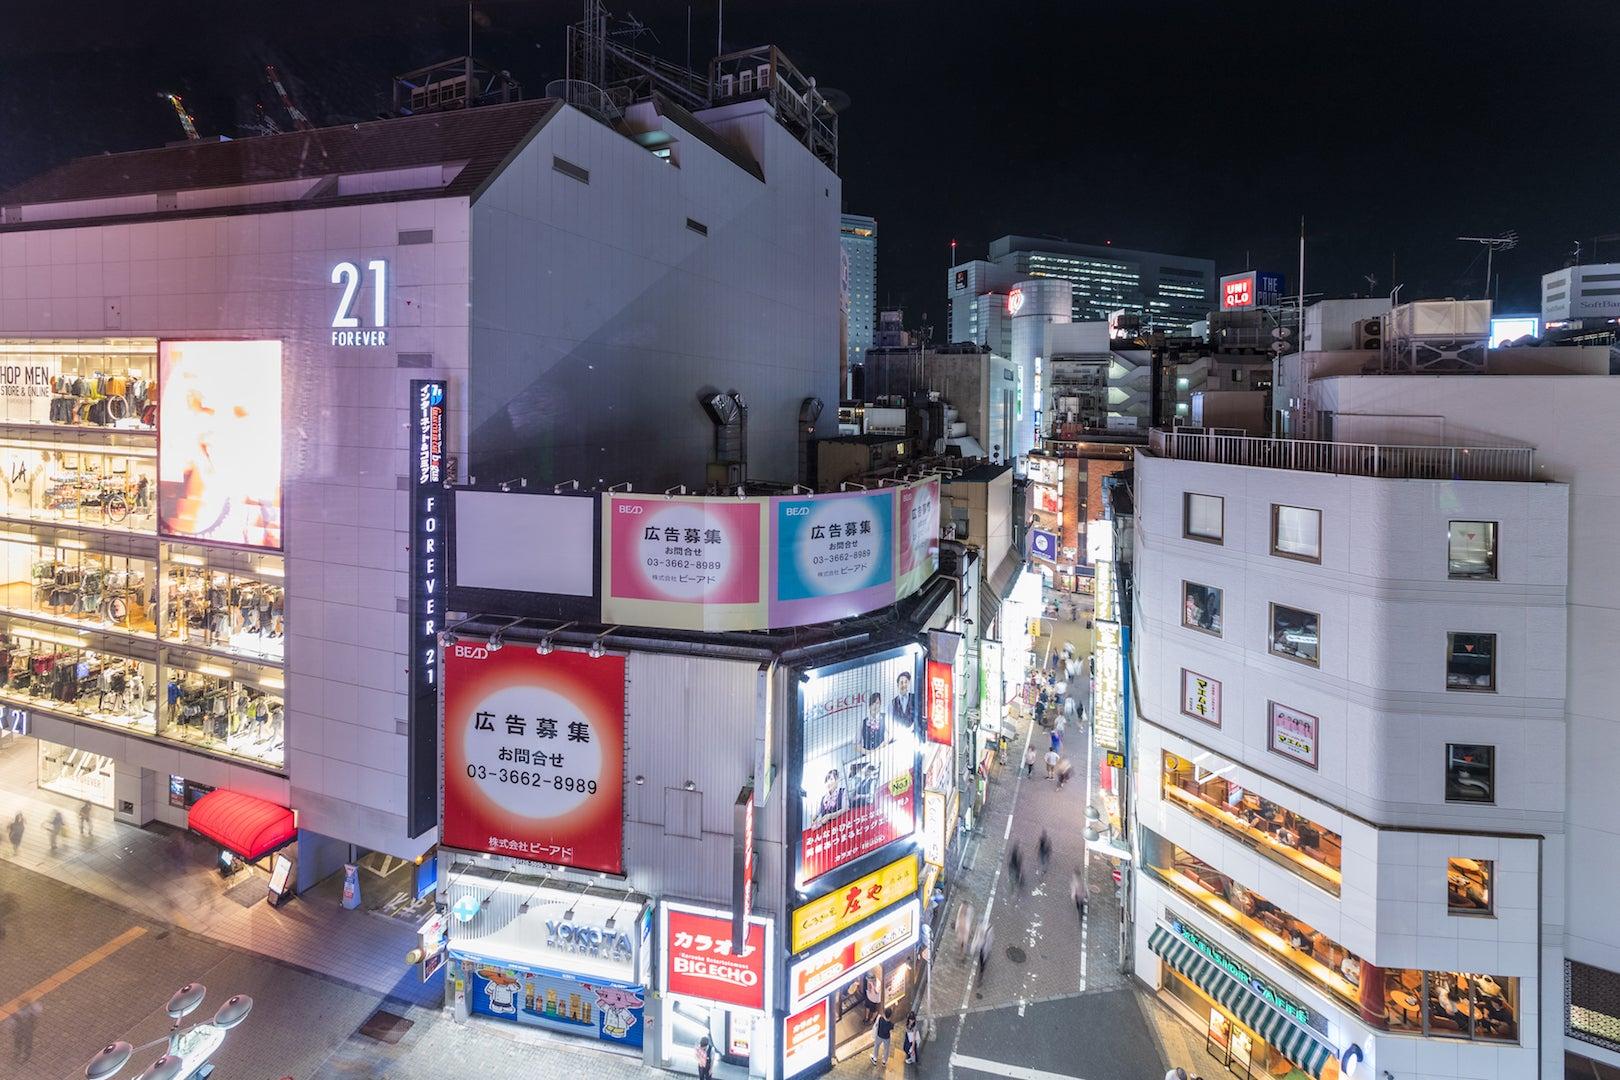 【渋谷・センター街】イベントスペース(DJ/VR/カラオケ/プロジェクター/TV/WiFi/完全禁煙)【宇田川町・ロフト前】 のサムネイル